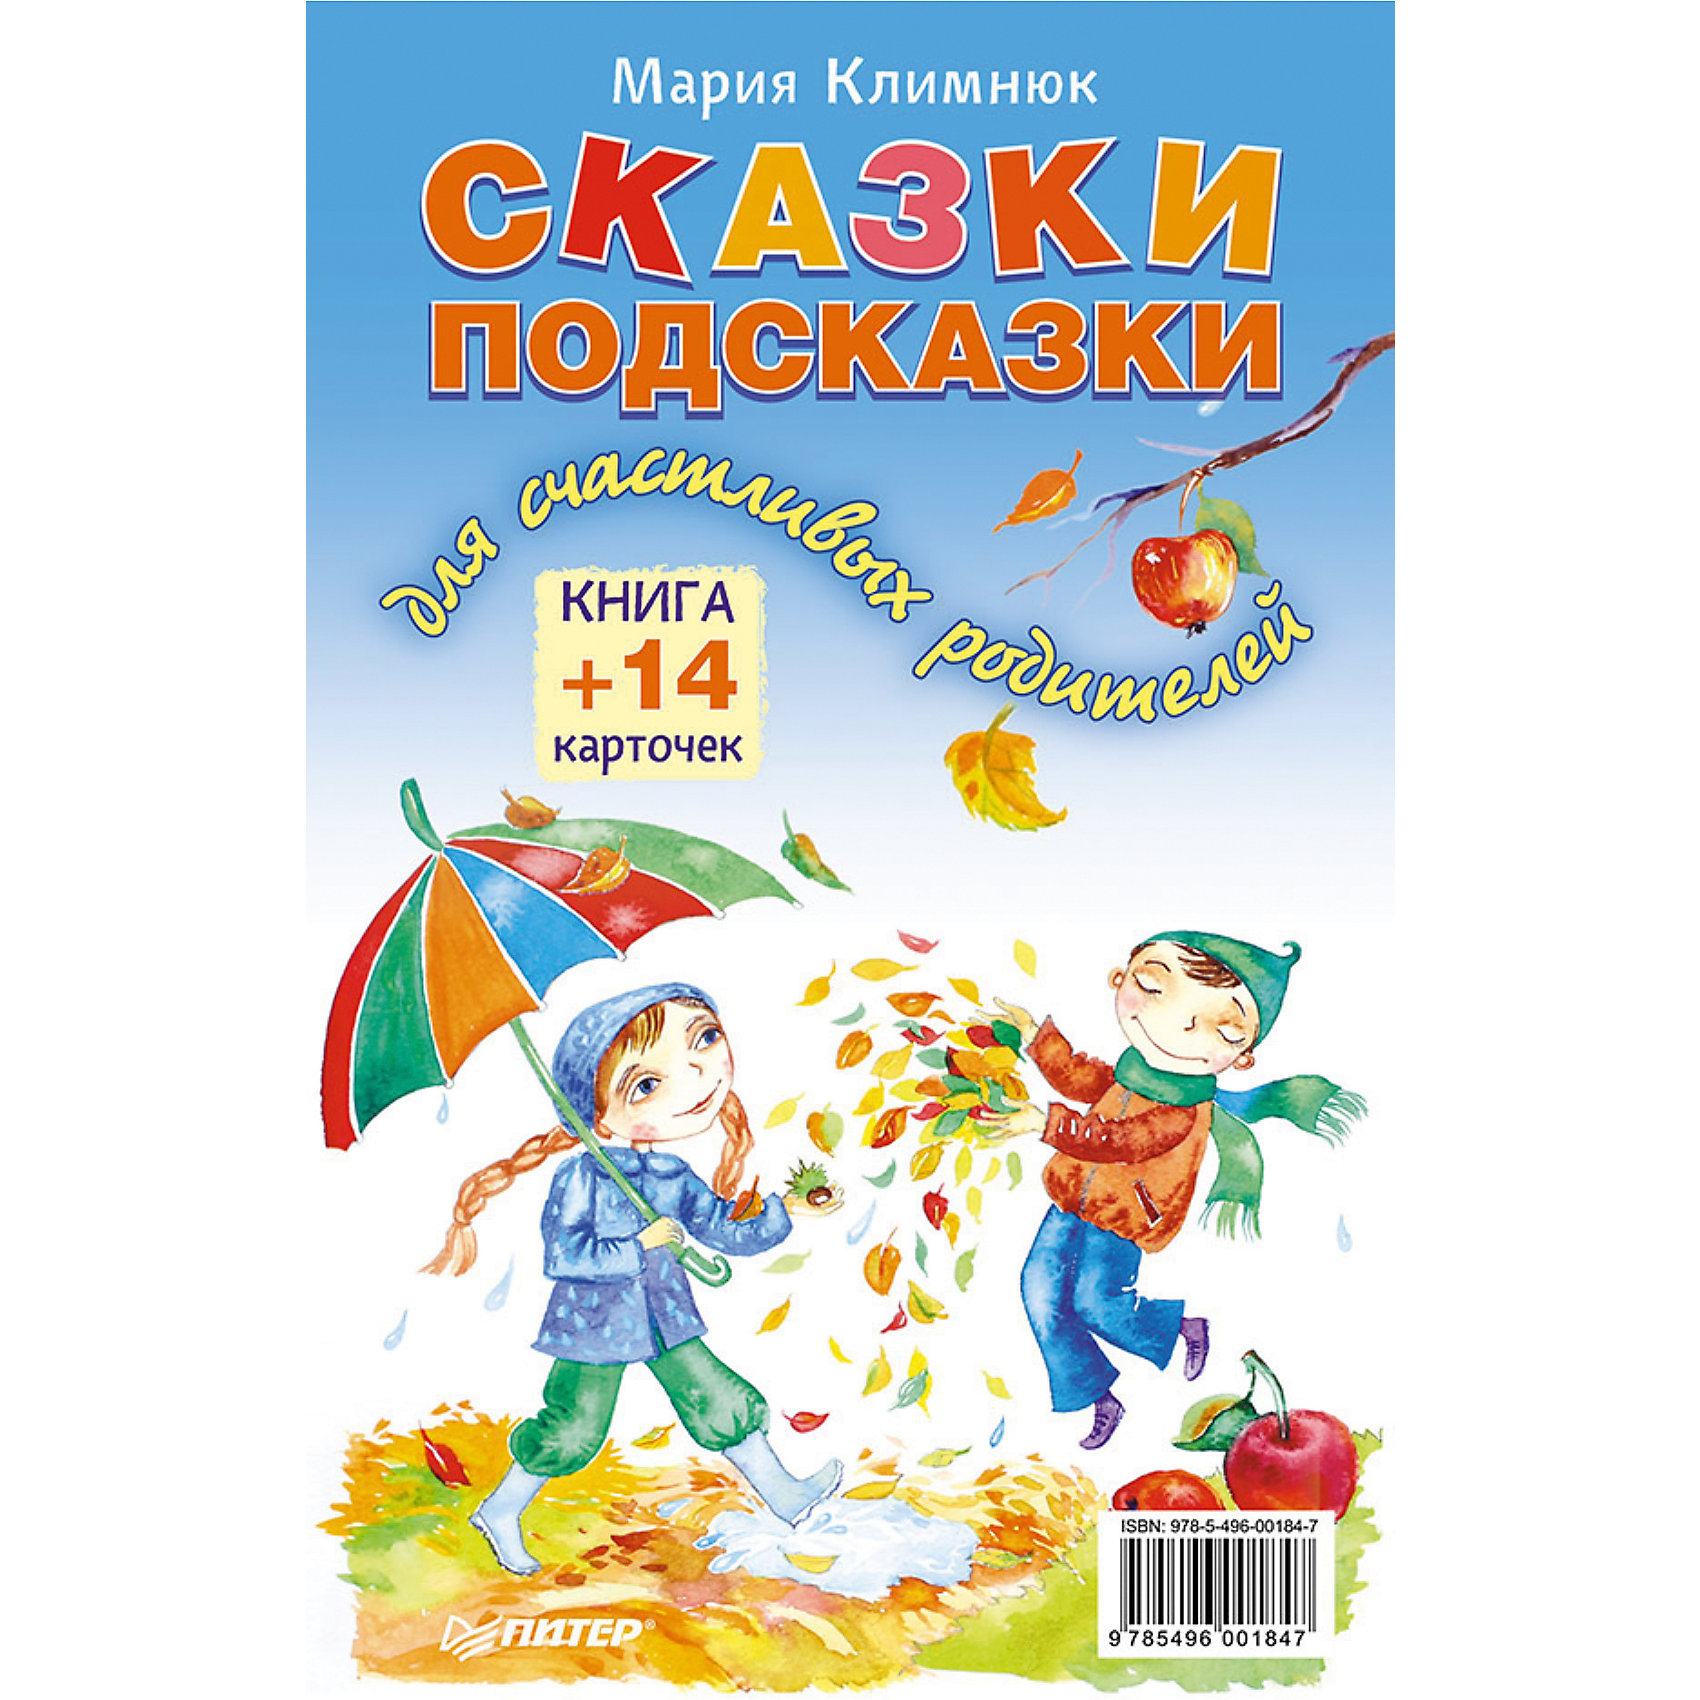 """ПИТЕР Книга """"Сказки-подсказки для счастливых родителей"""" + 14 карточек, М.Г. Климнюк"""